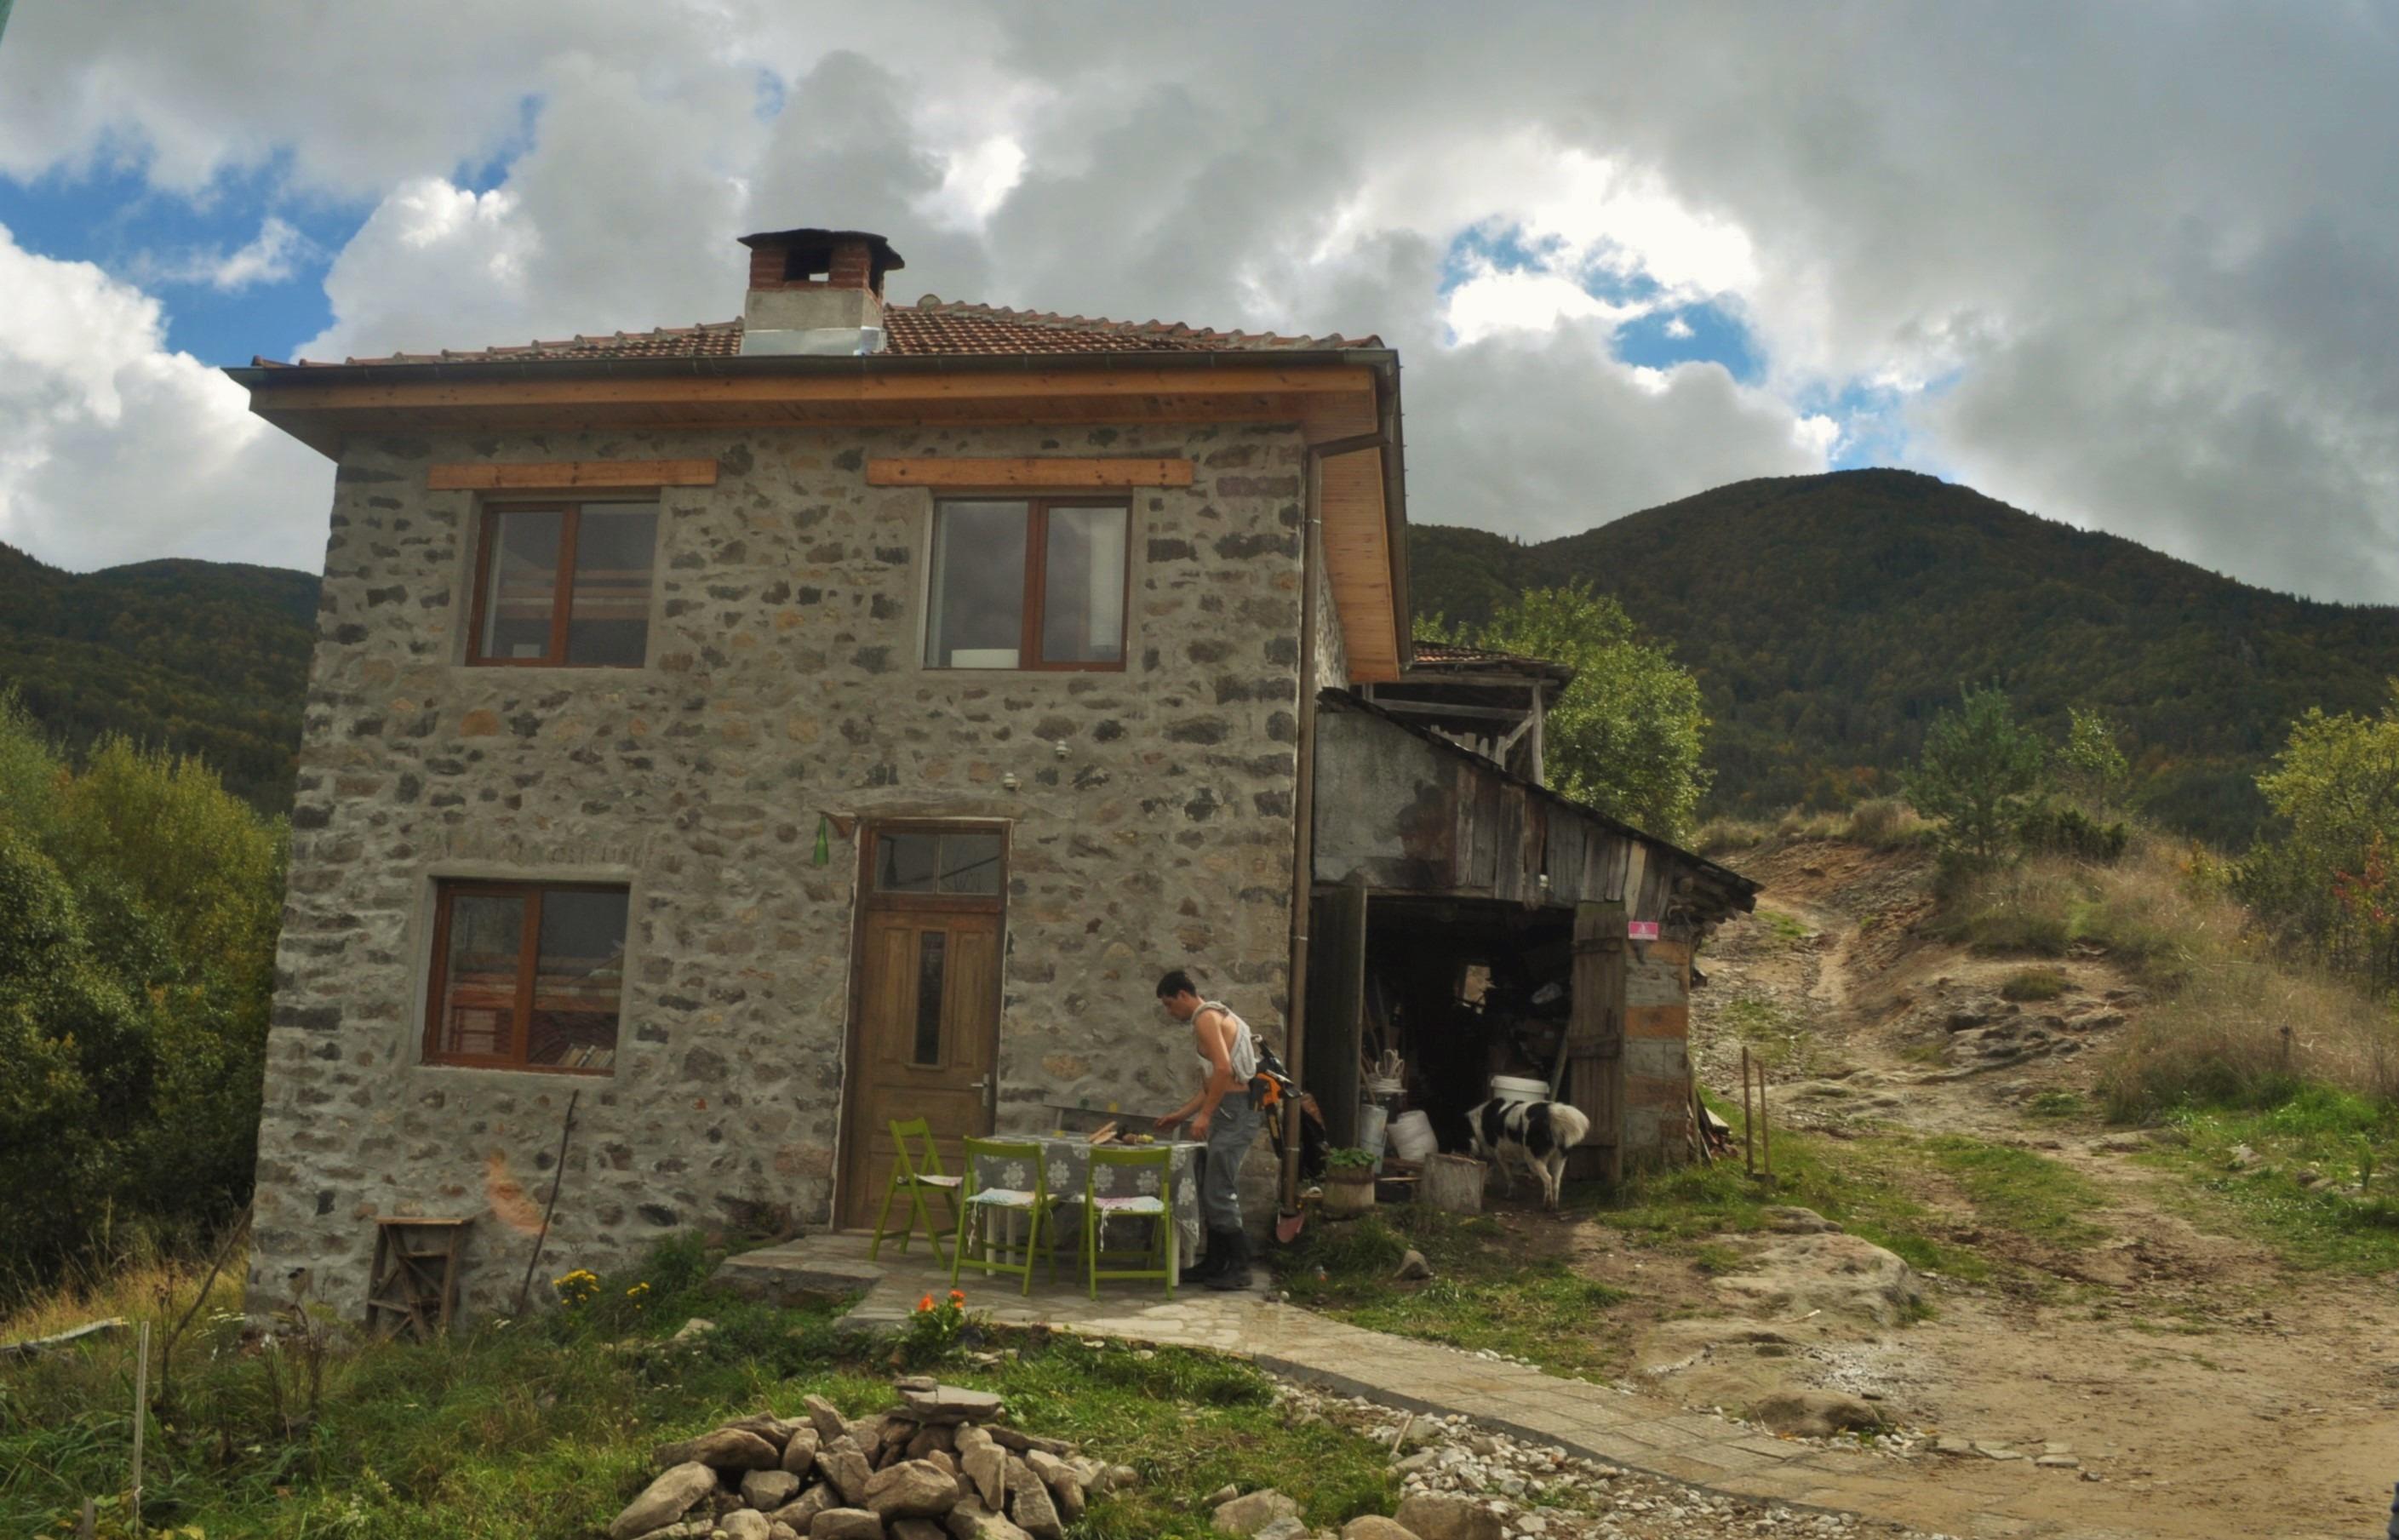 Когато я открихме сградата беше в много тежко състояние, покривът на места течеше. Стените, всичко беше доста разрушено.Читалището на селото се възроди от група хора, с които решихме да го възстановим и да започнем да работим с деца. Това нямаше да стане без подкрепата на доброволци, хора които идваха да рабоят тук, тъй като за ремонта и възстановяването на сградата сме имали само по един европроект подкрепа, а всичката ръчна, майсторска  работа, се е свършила от нас и от доброволци.